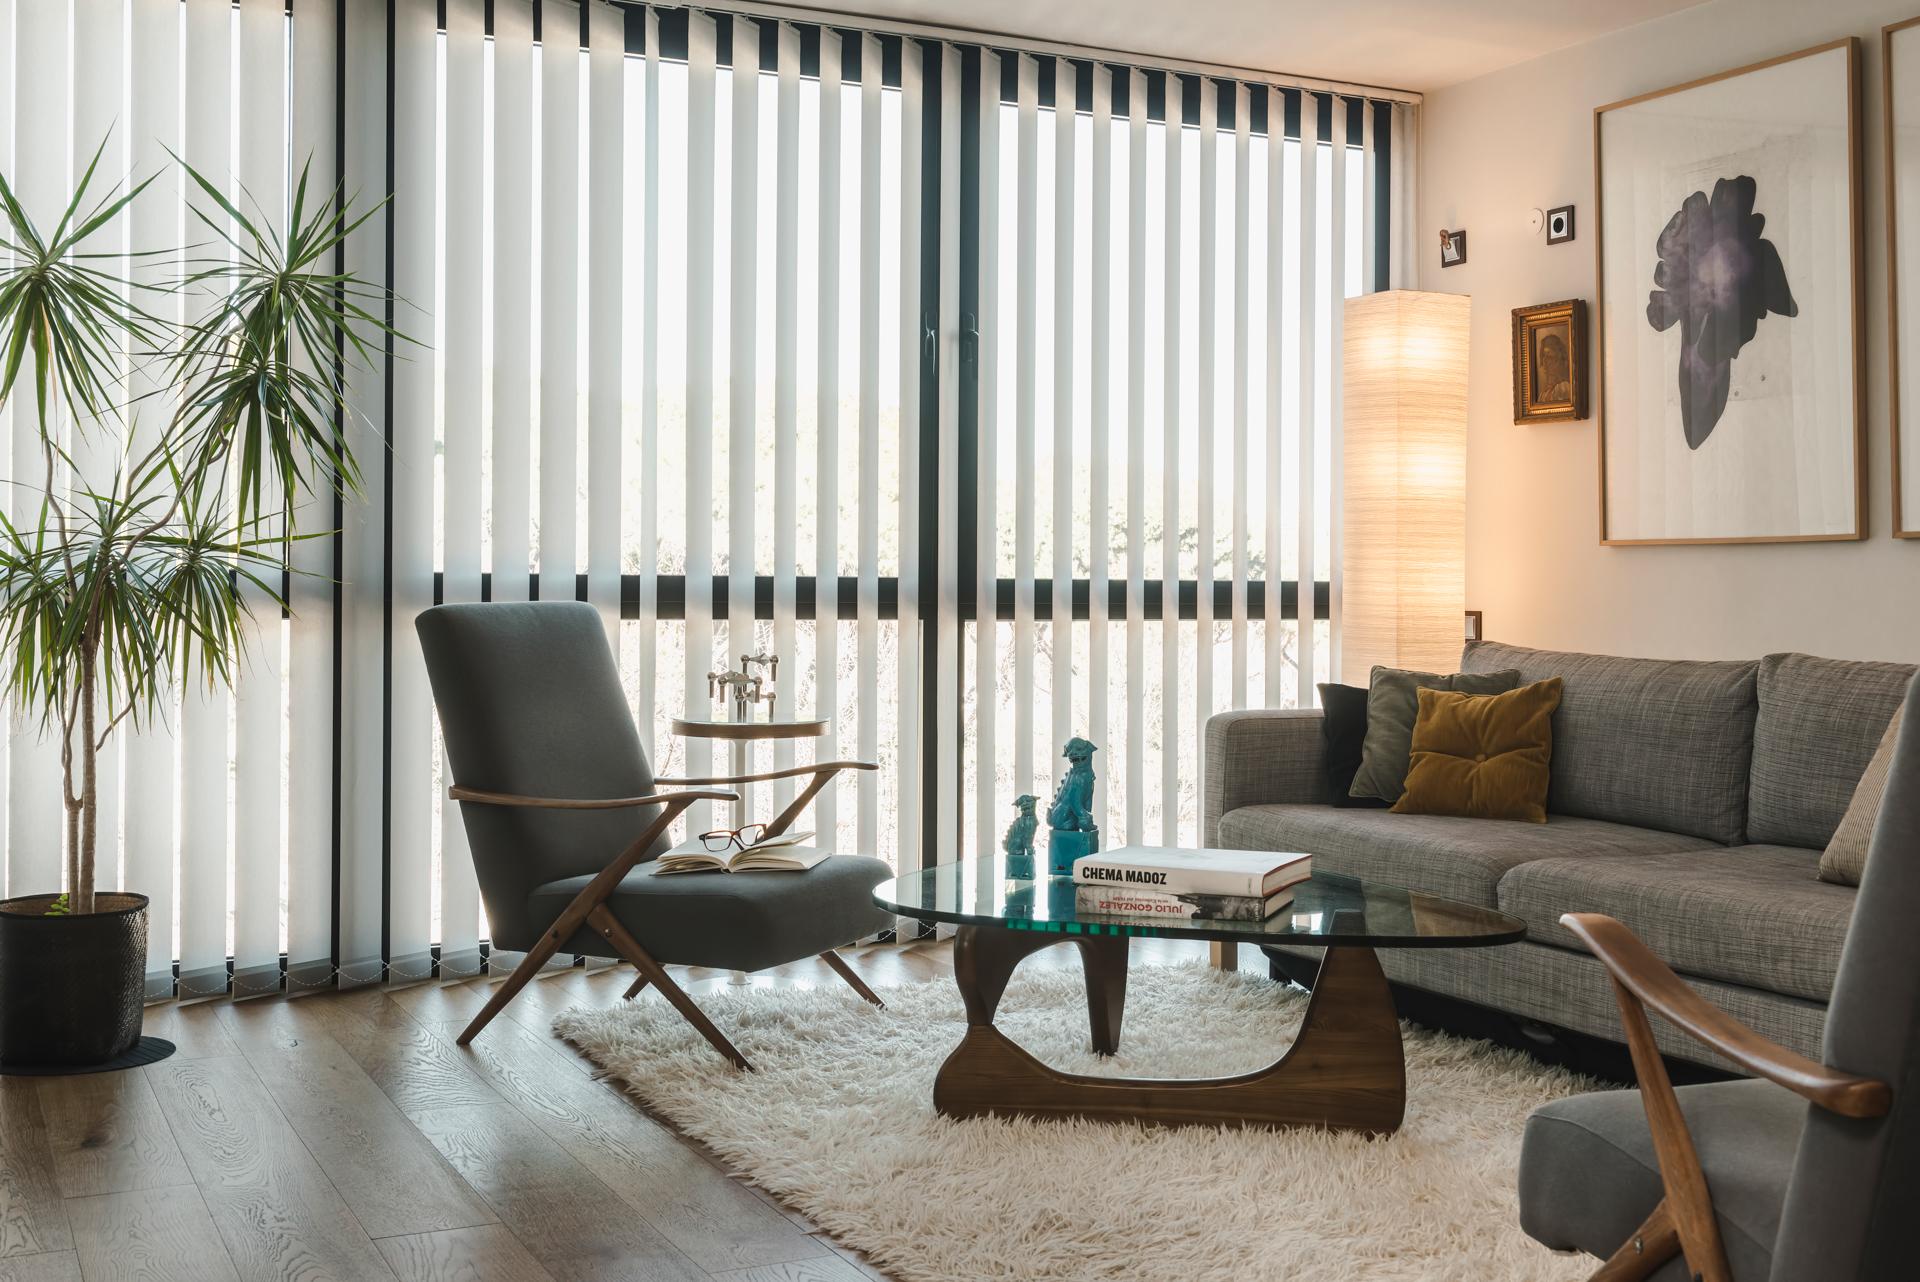 Interiorismo en madrid salones viviendas y oficinas - Interiorismo en madrid ...